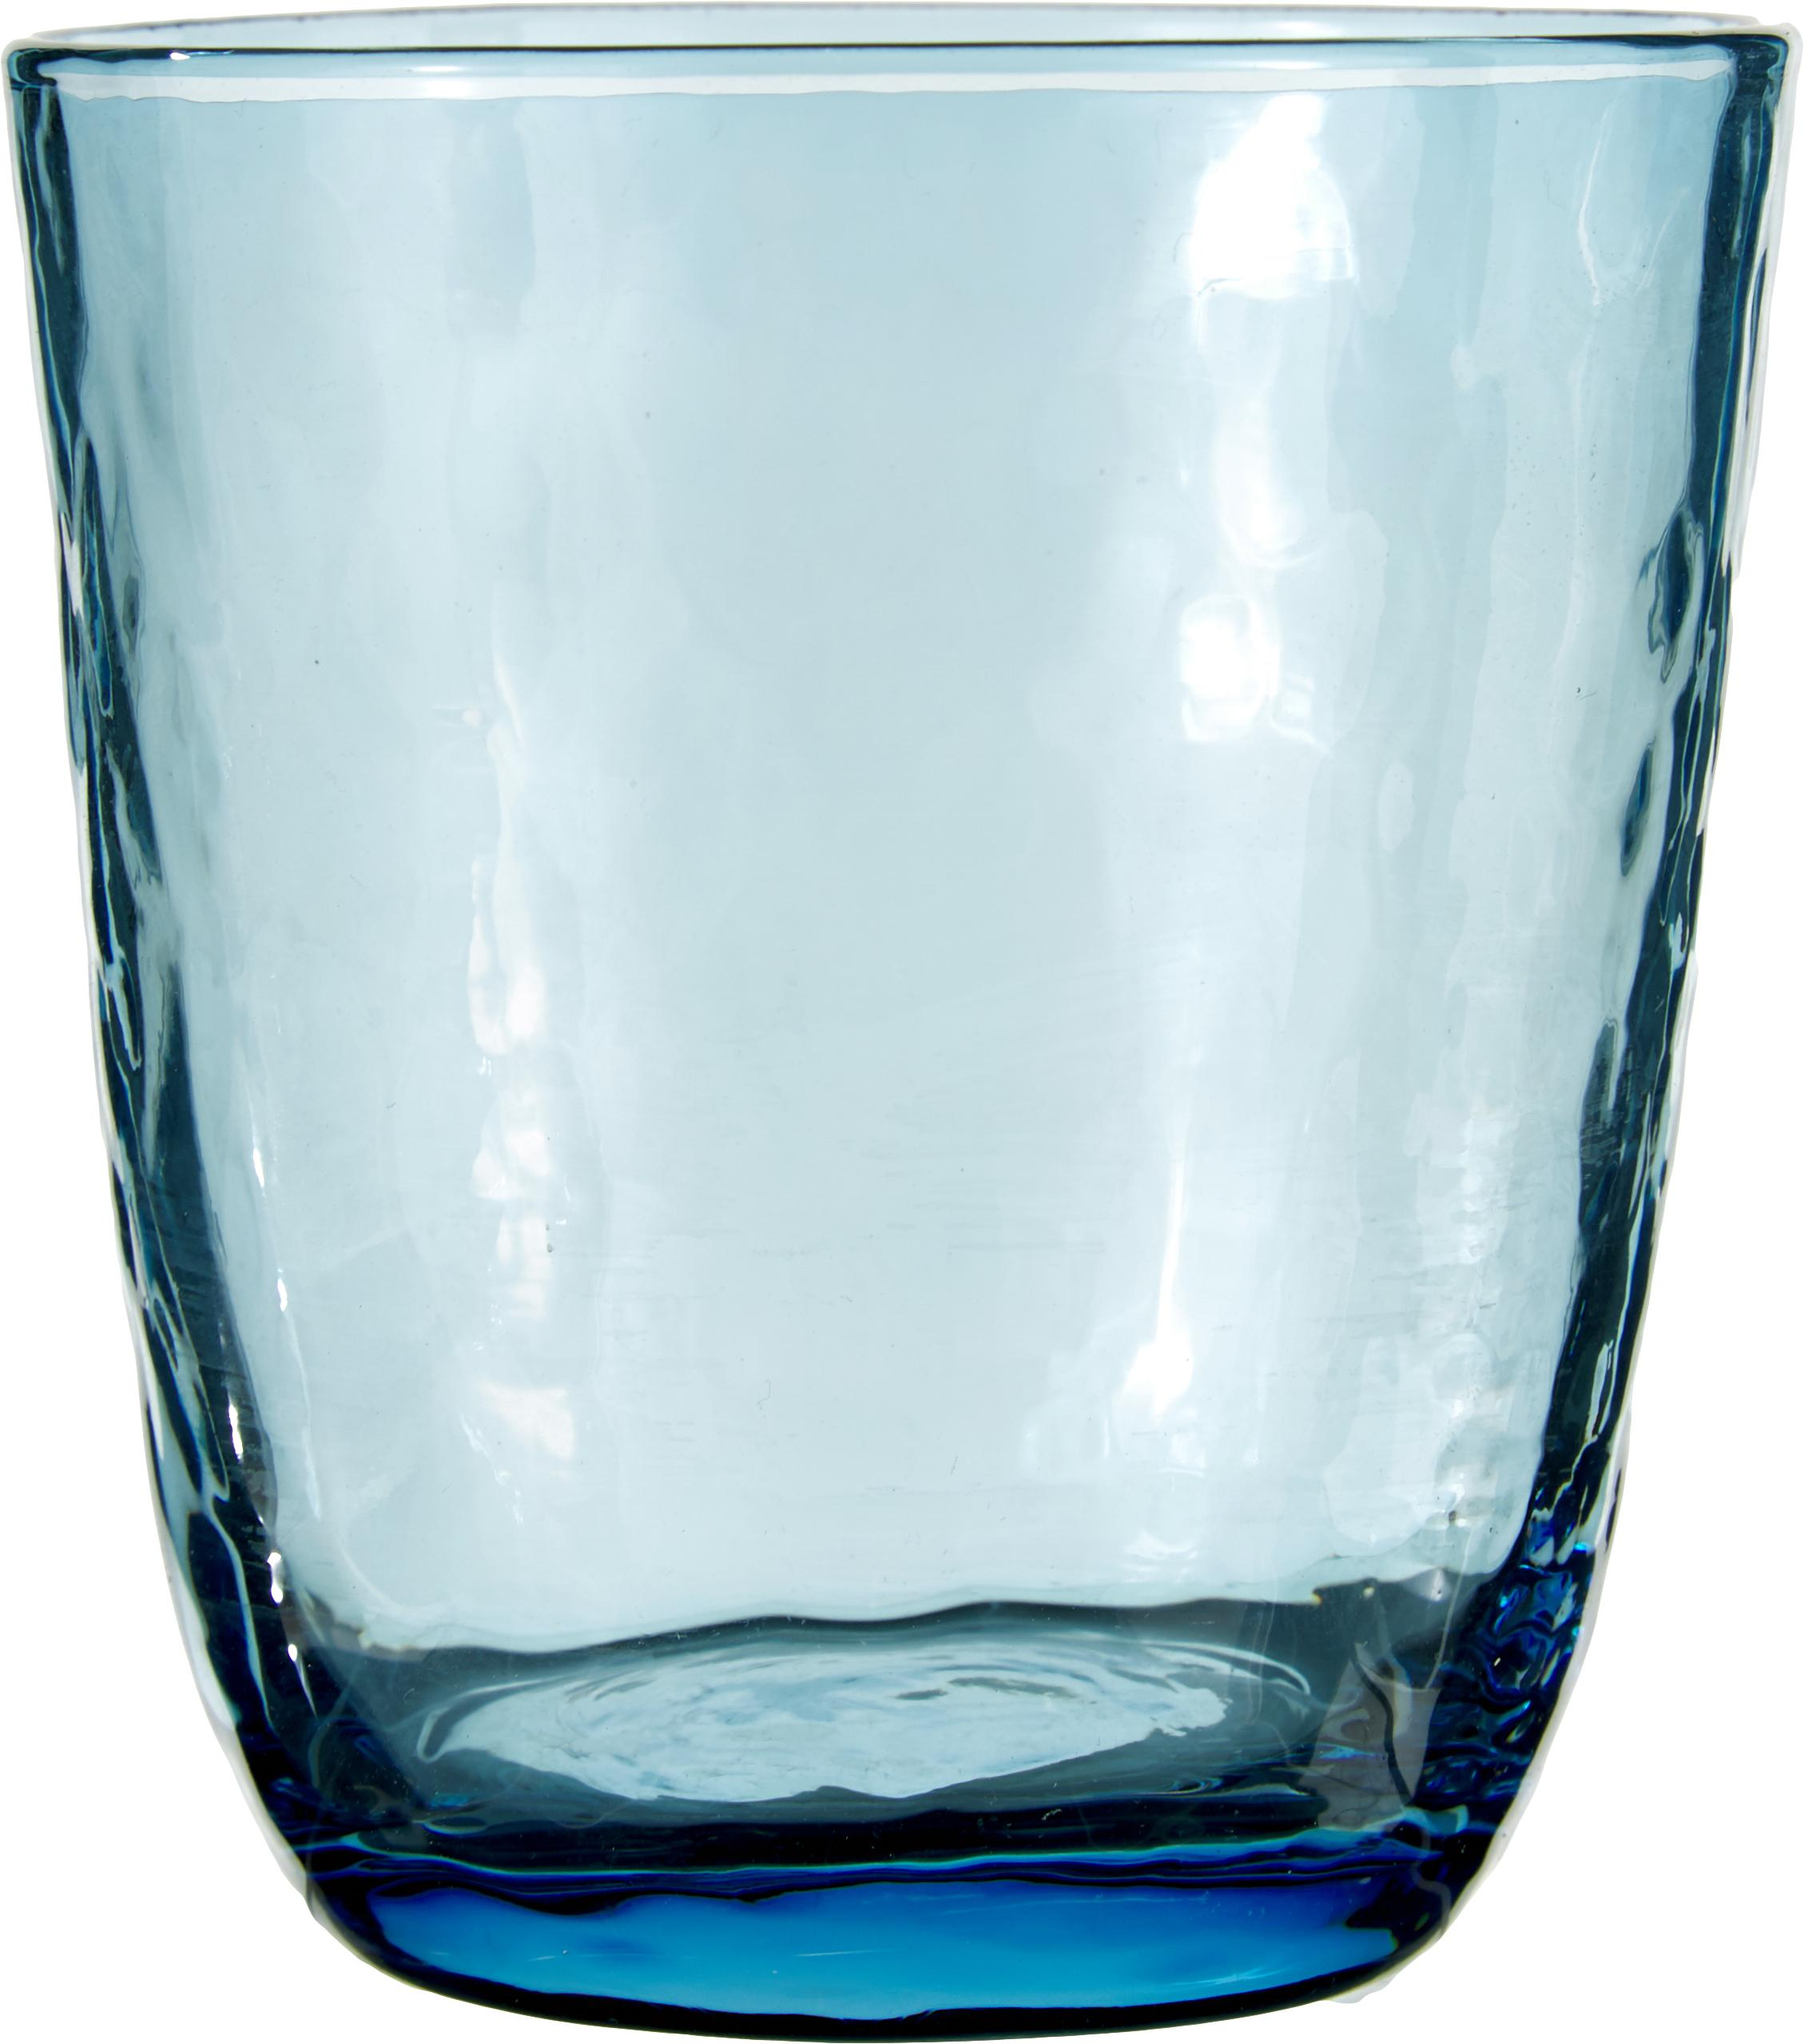 Mundgeblasene Wassergläser Hammered mit unebener Oberfläche, 4er-Set, Glas, mundgeblasen, Blau, transparent, Ø 9 x H 10 cm